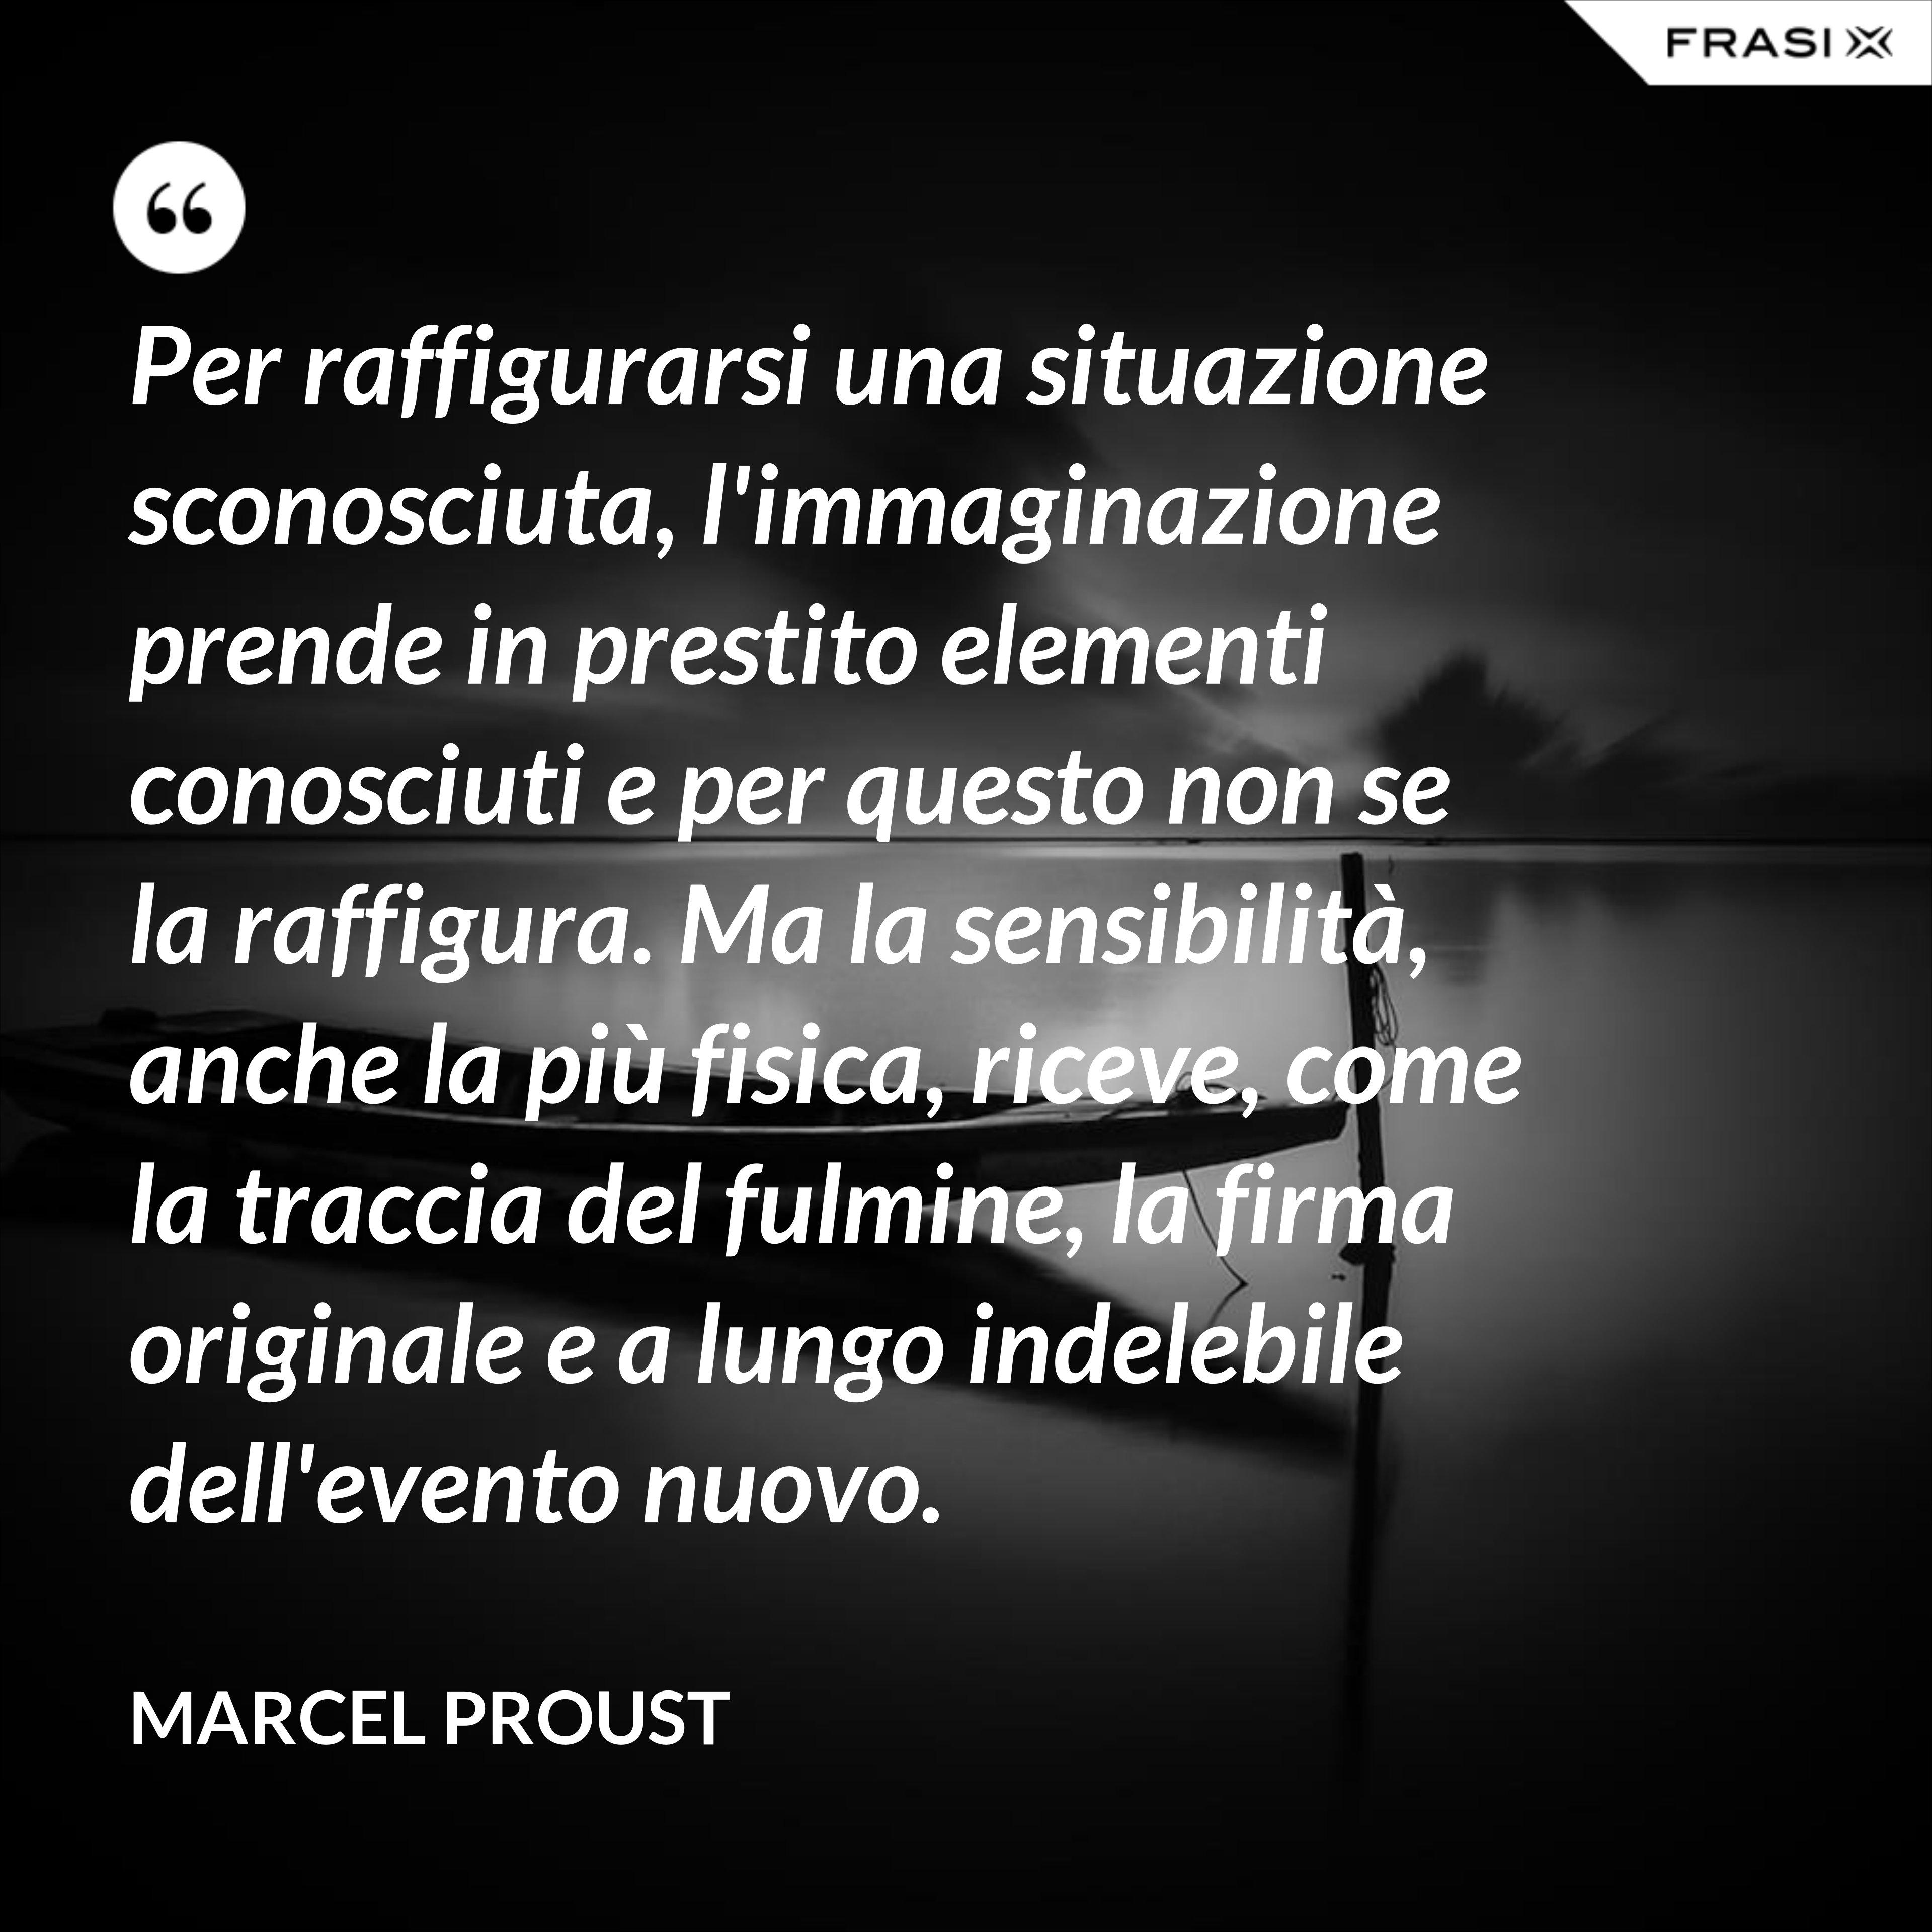 Per raffigurarsi una situazione sconosciuta, l'immaginazione prende in prestito elementi conosciuti e per questo non se la raffigura. Ma la sensibilità, anche la più fisica, riceve, come la traccia del fulmine, la firma originale e a lungo indelebile dell'evento nuovo. - Marcel Proust